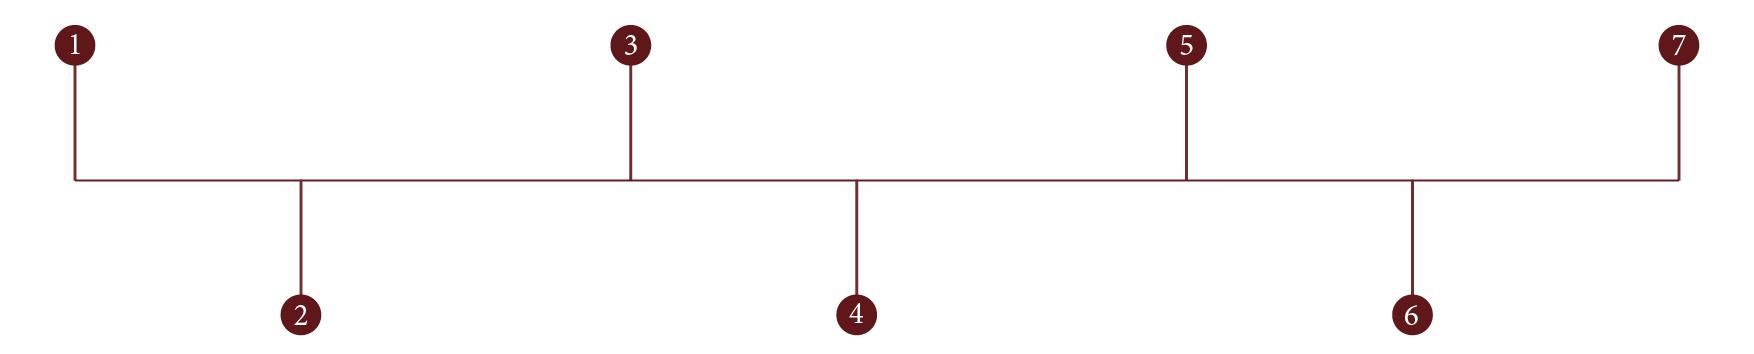 Timeline_numbers